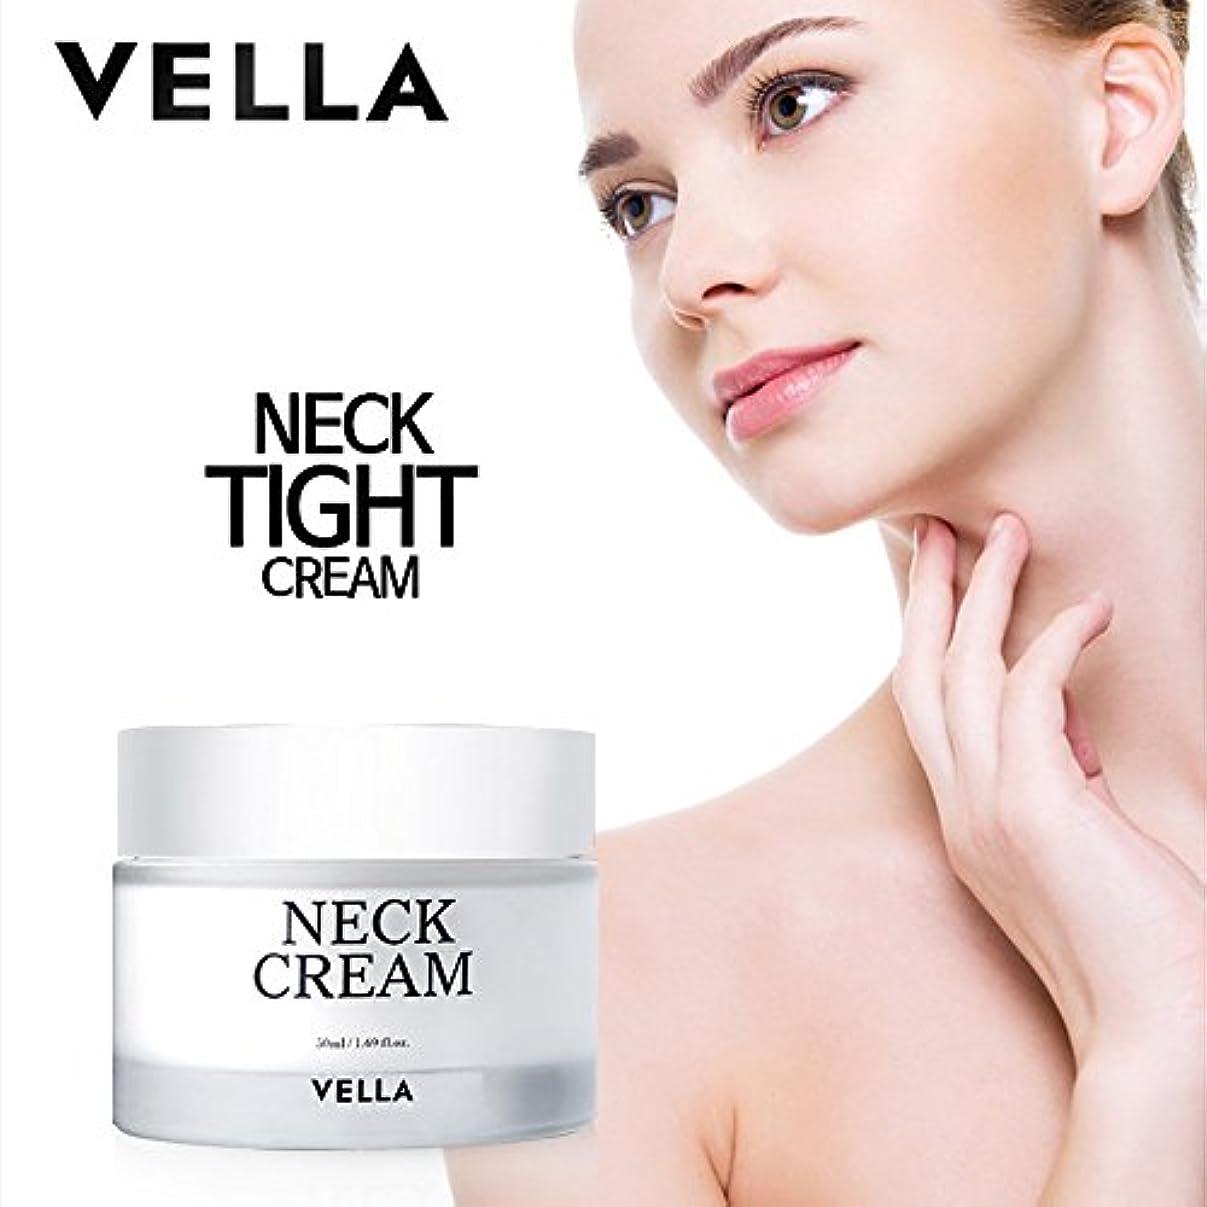 闘争大学ポークVELLA Anti Wrinkle & Whitening Strong Neck Cream(体がキレイvella首専用のクリーム) 50ml [並行輸入品]